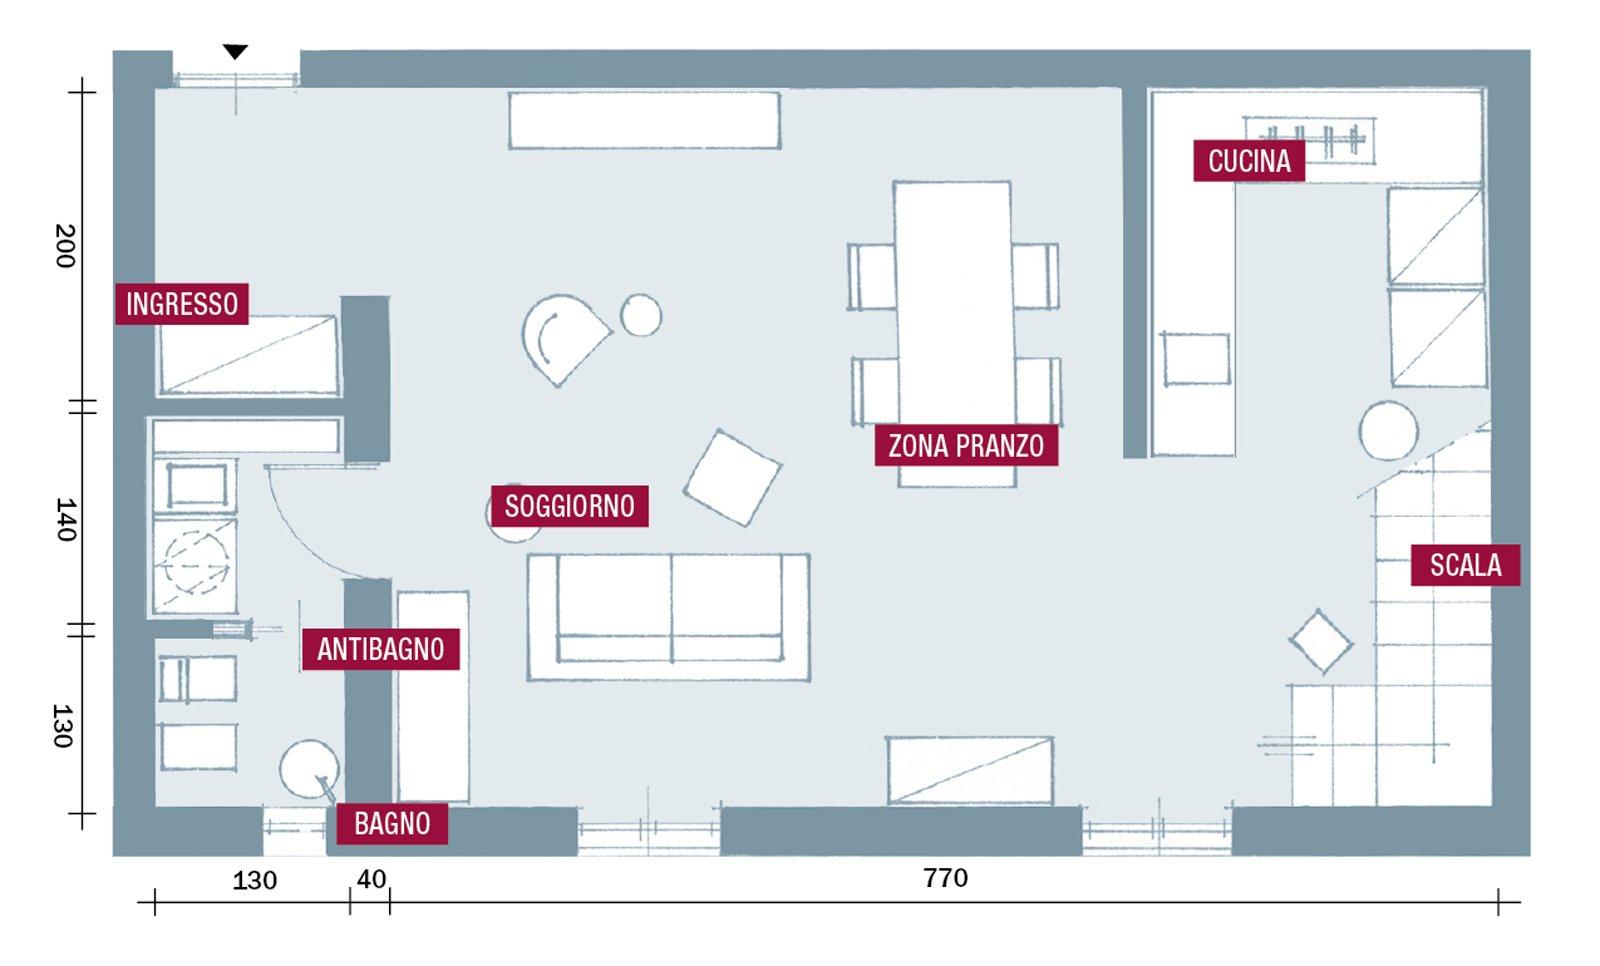 Dimensioni Porta Ingresso Casa una casa da copiare: 10 idee tra spunti d'arredo e decor